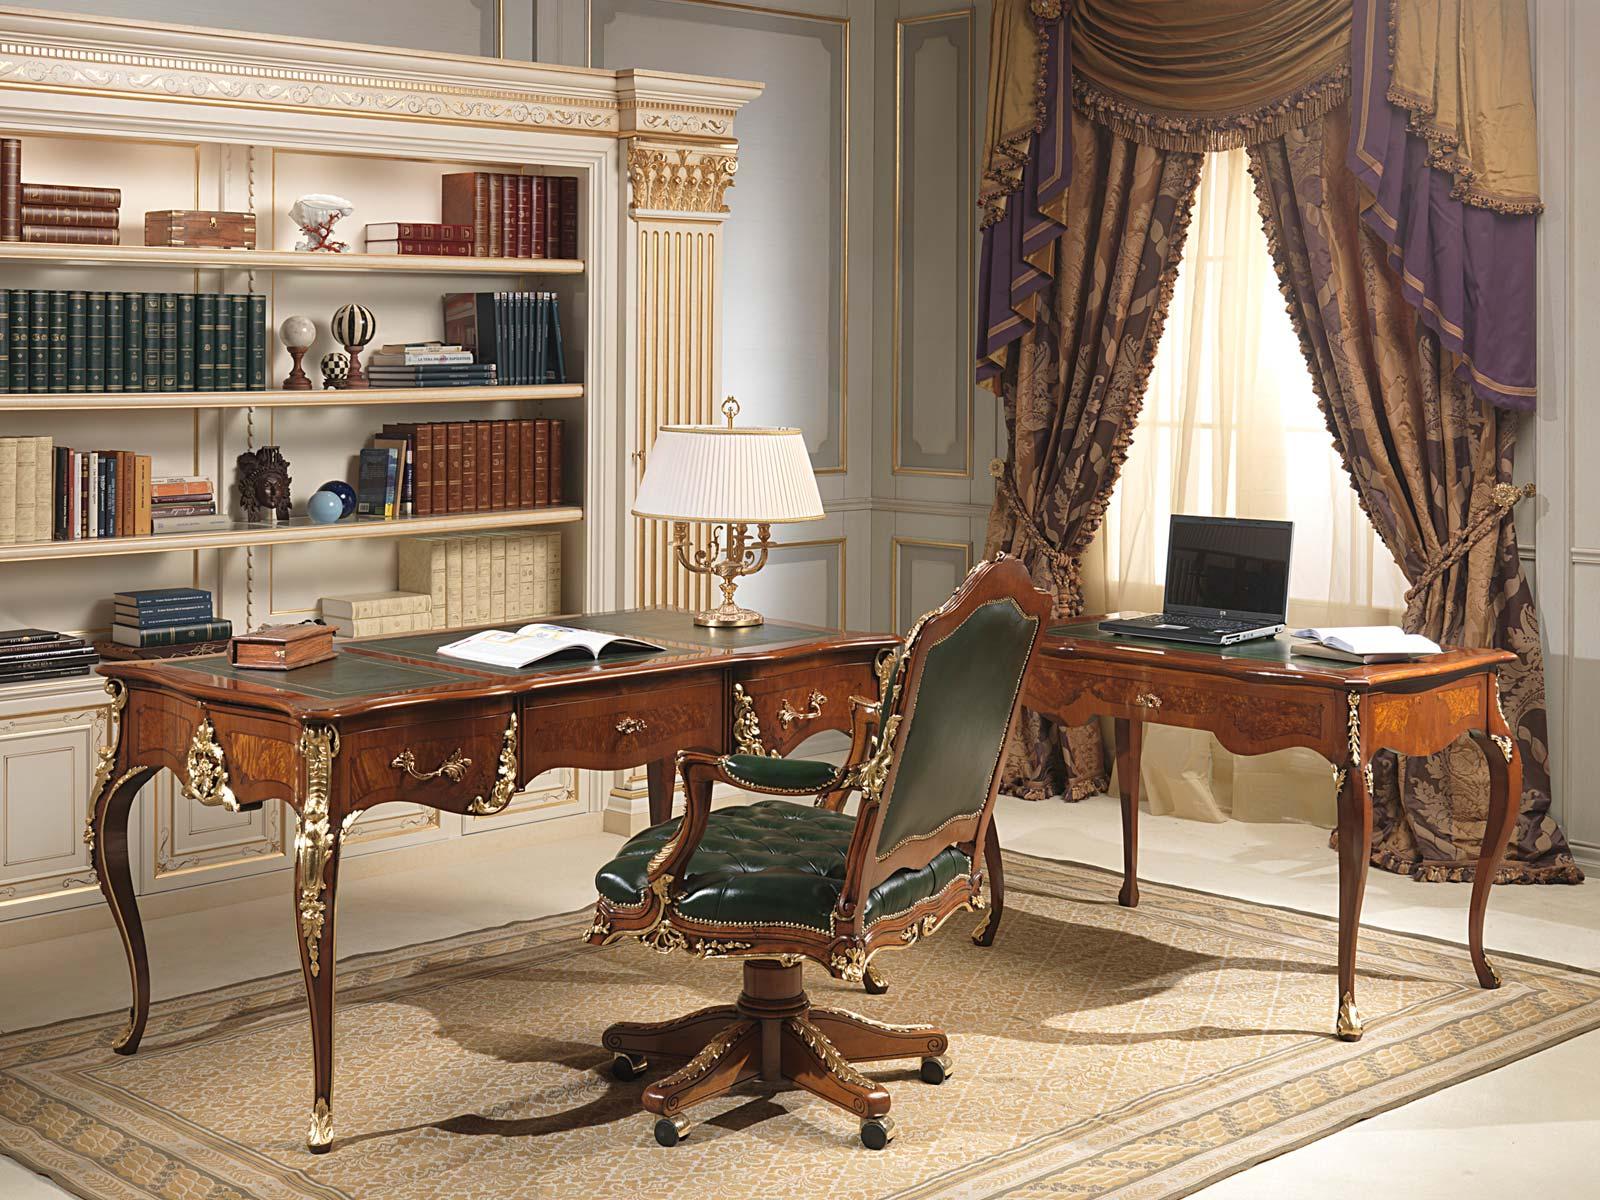 Mobili classici di lusso made in italy vimercati - Mobili luxury design ...